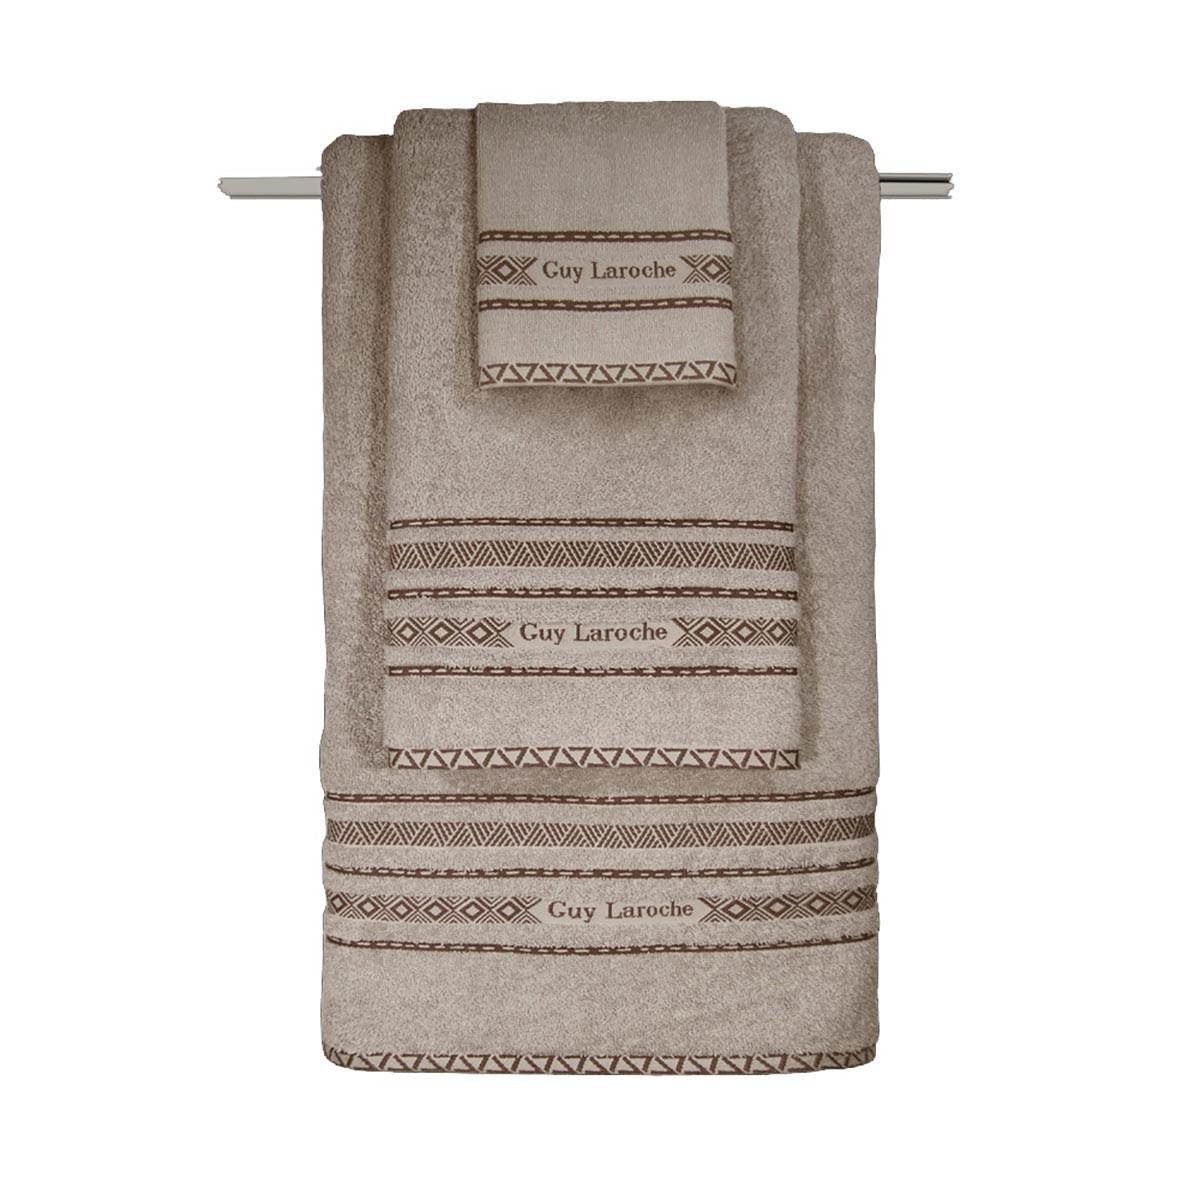 Πετσέτες Μπάνιου (Σετ 3τμχ) Guy Laroche Logna Natural